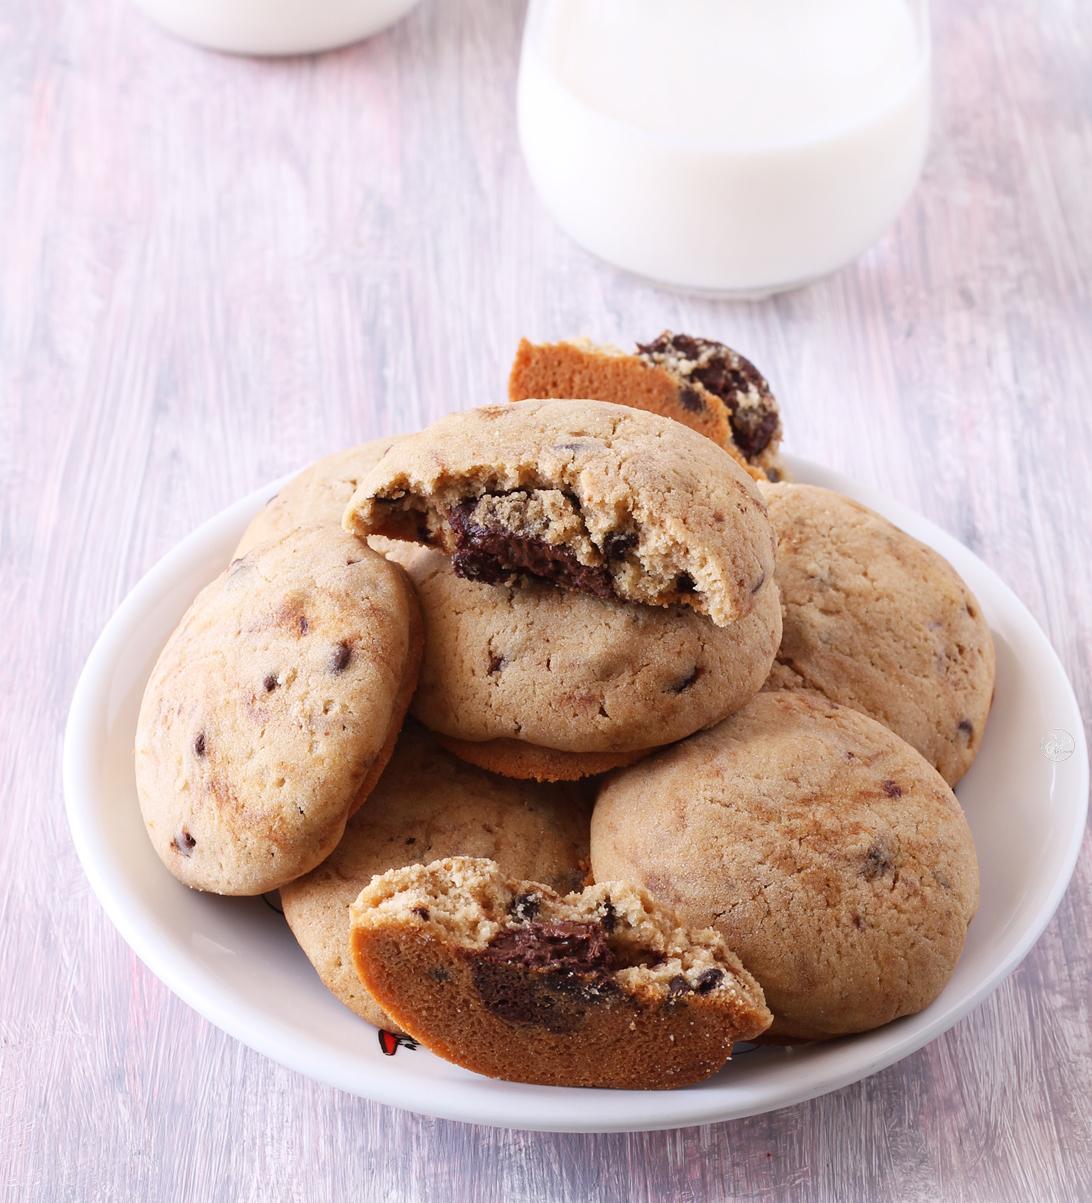 Biscottoni ciocco-caffè alla Nutella senza glutine - La Cassata Celiaca